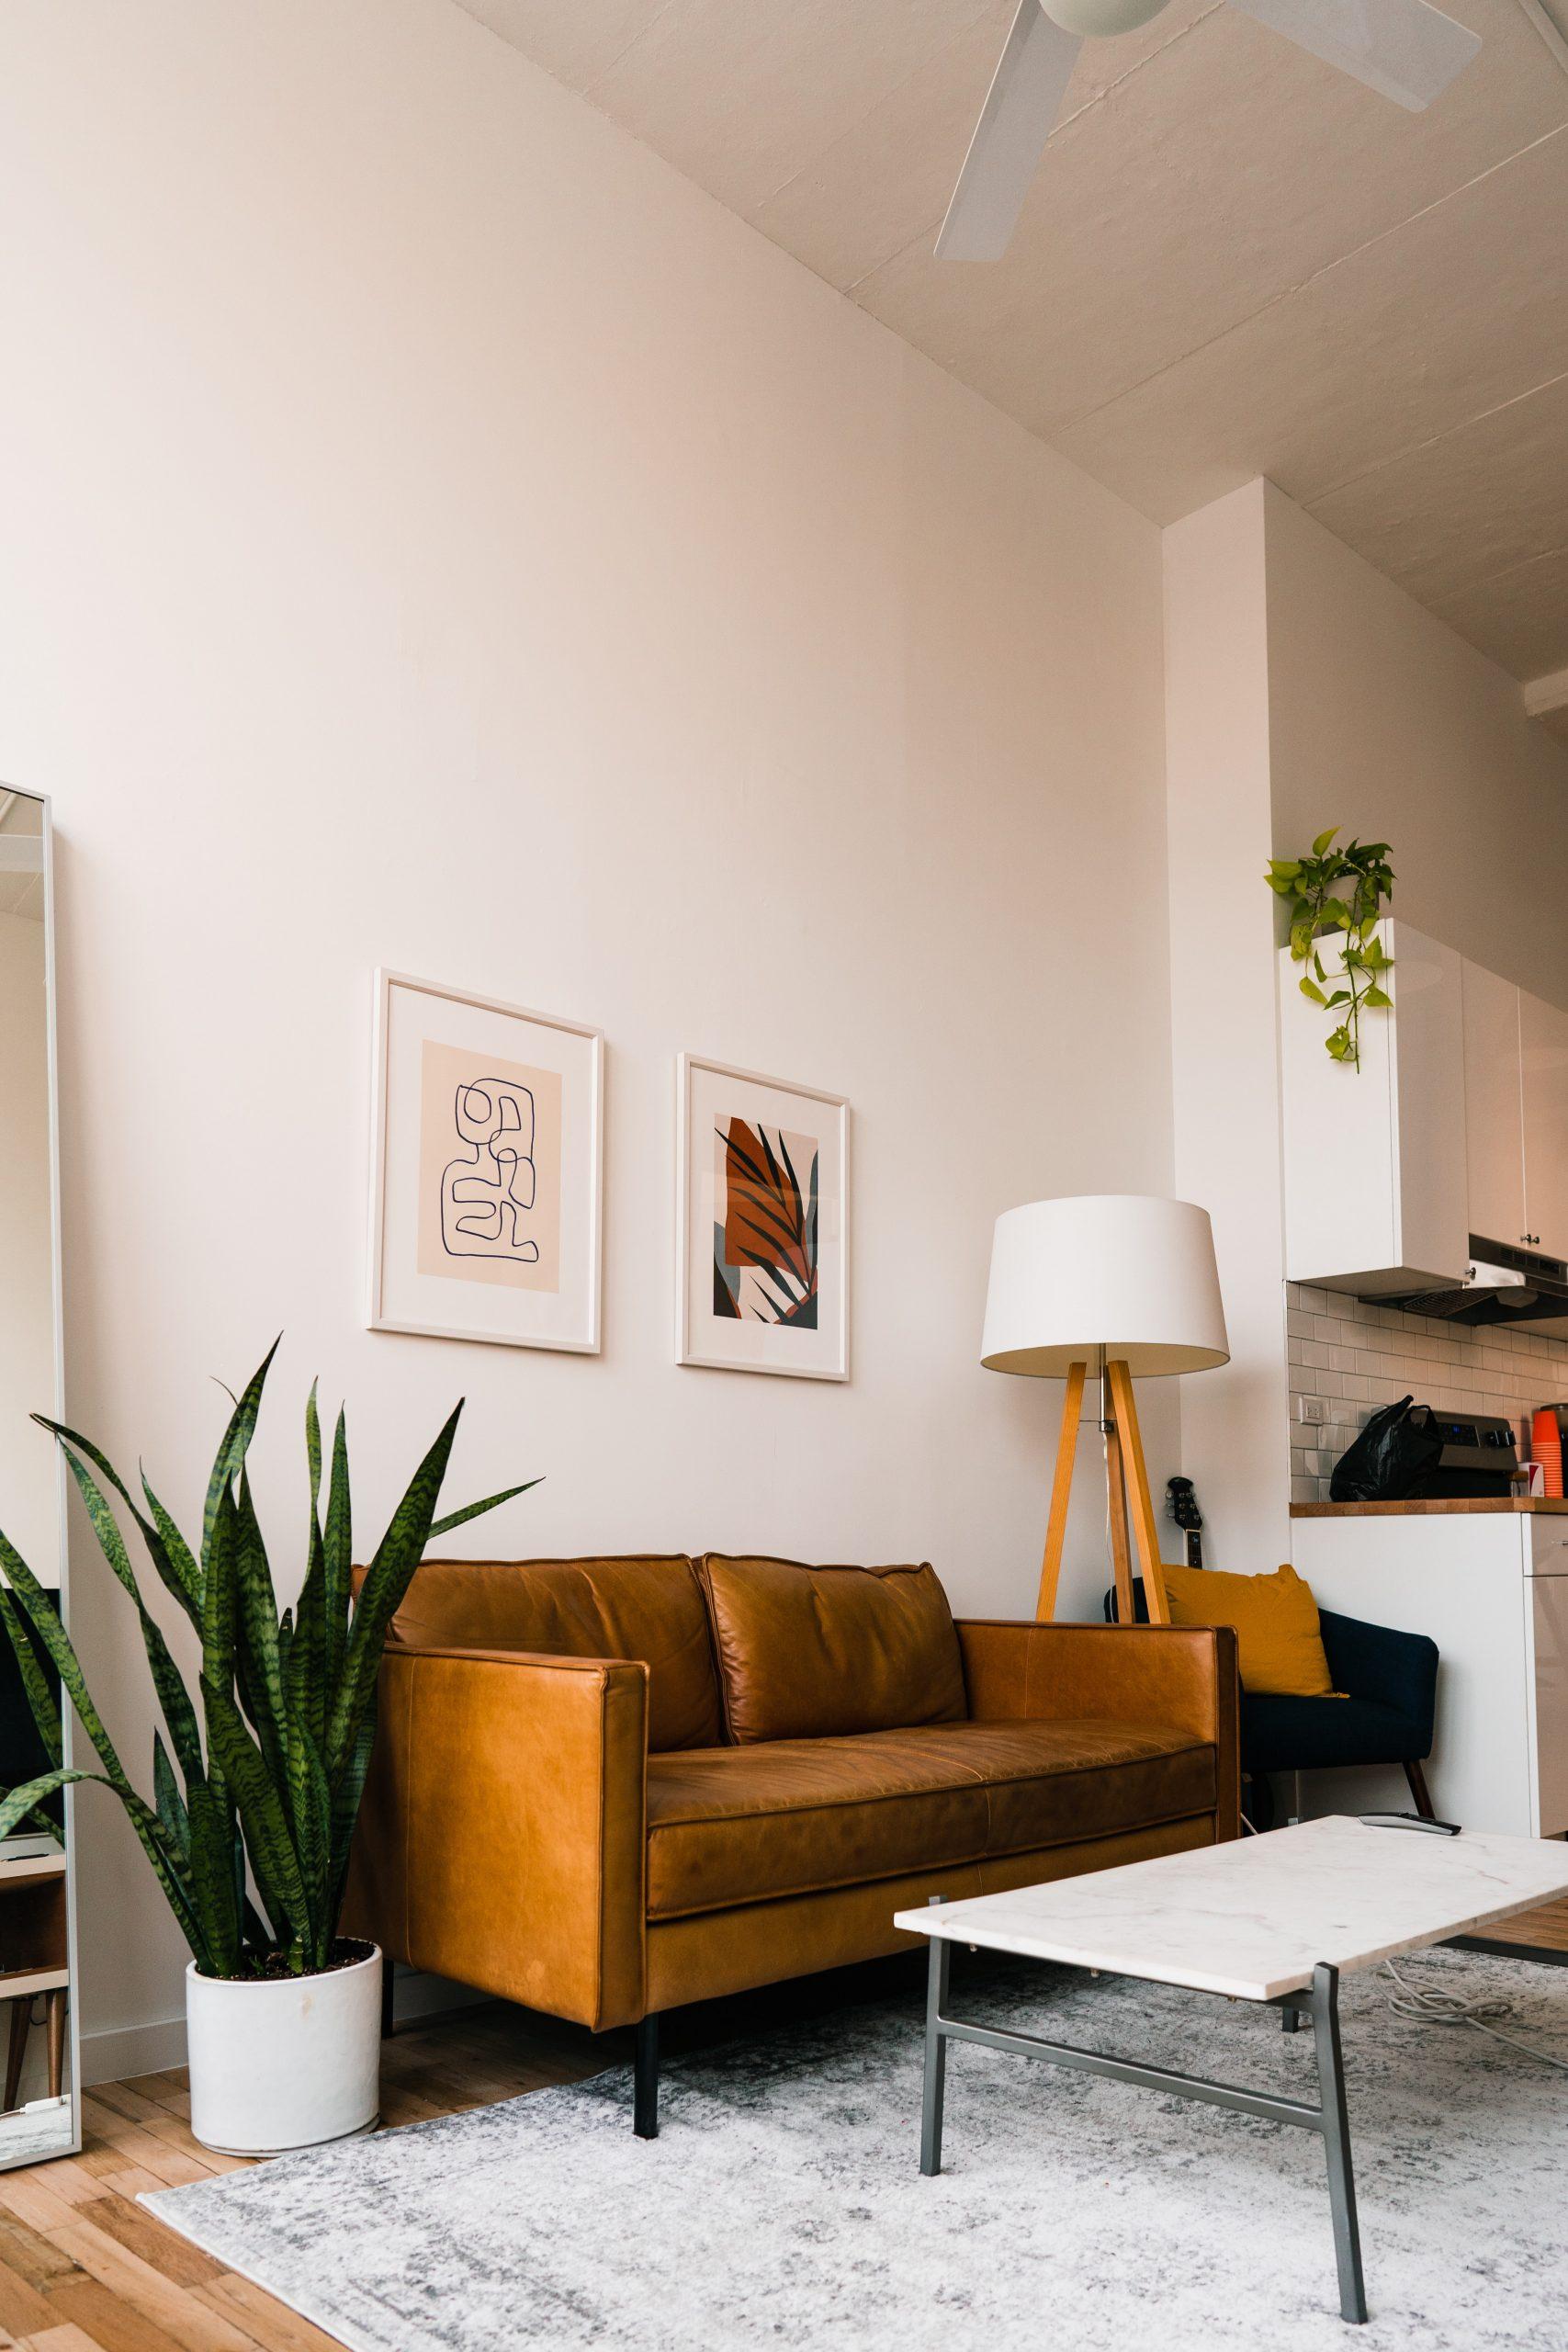 Blog über Trends in der Innenarchitektur